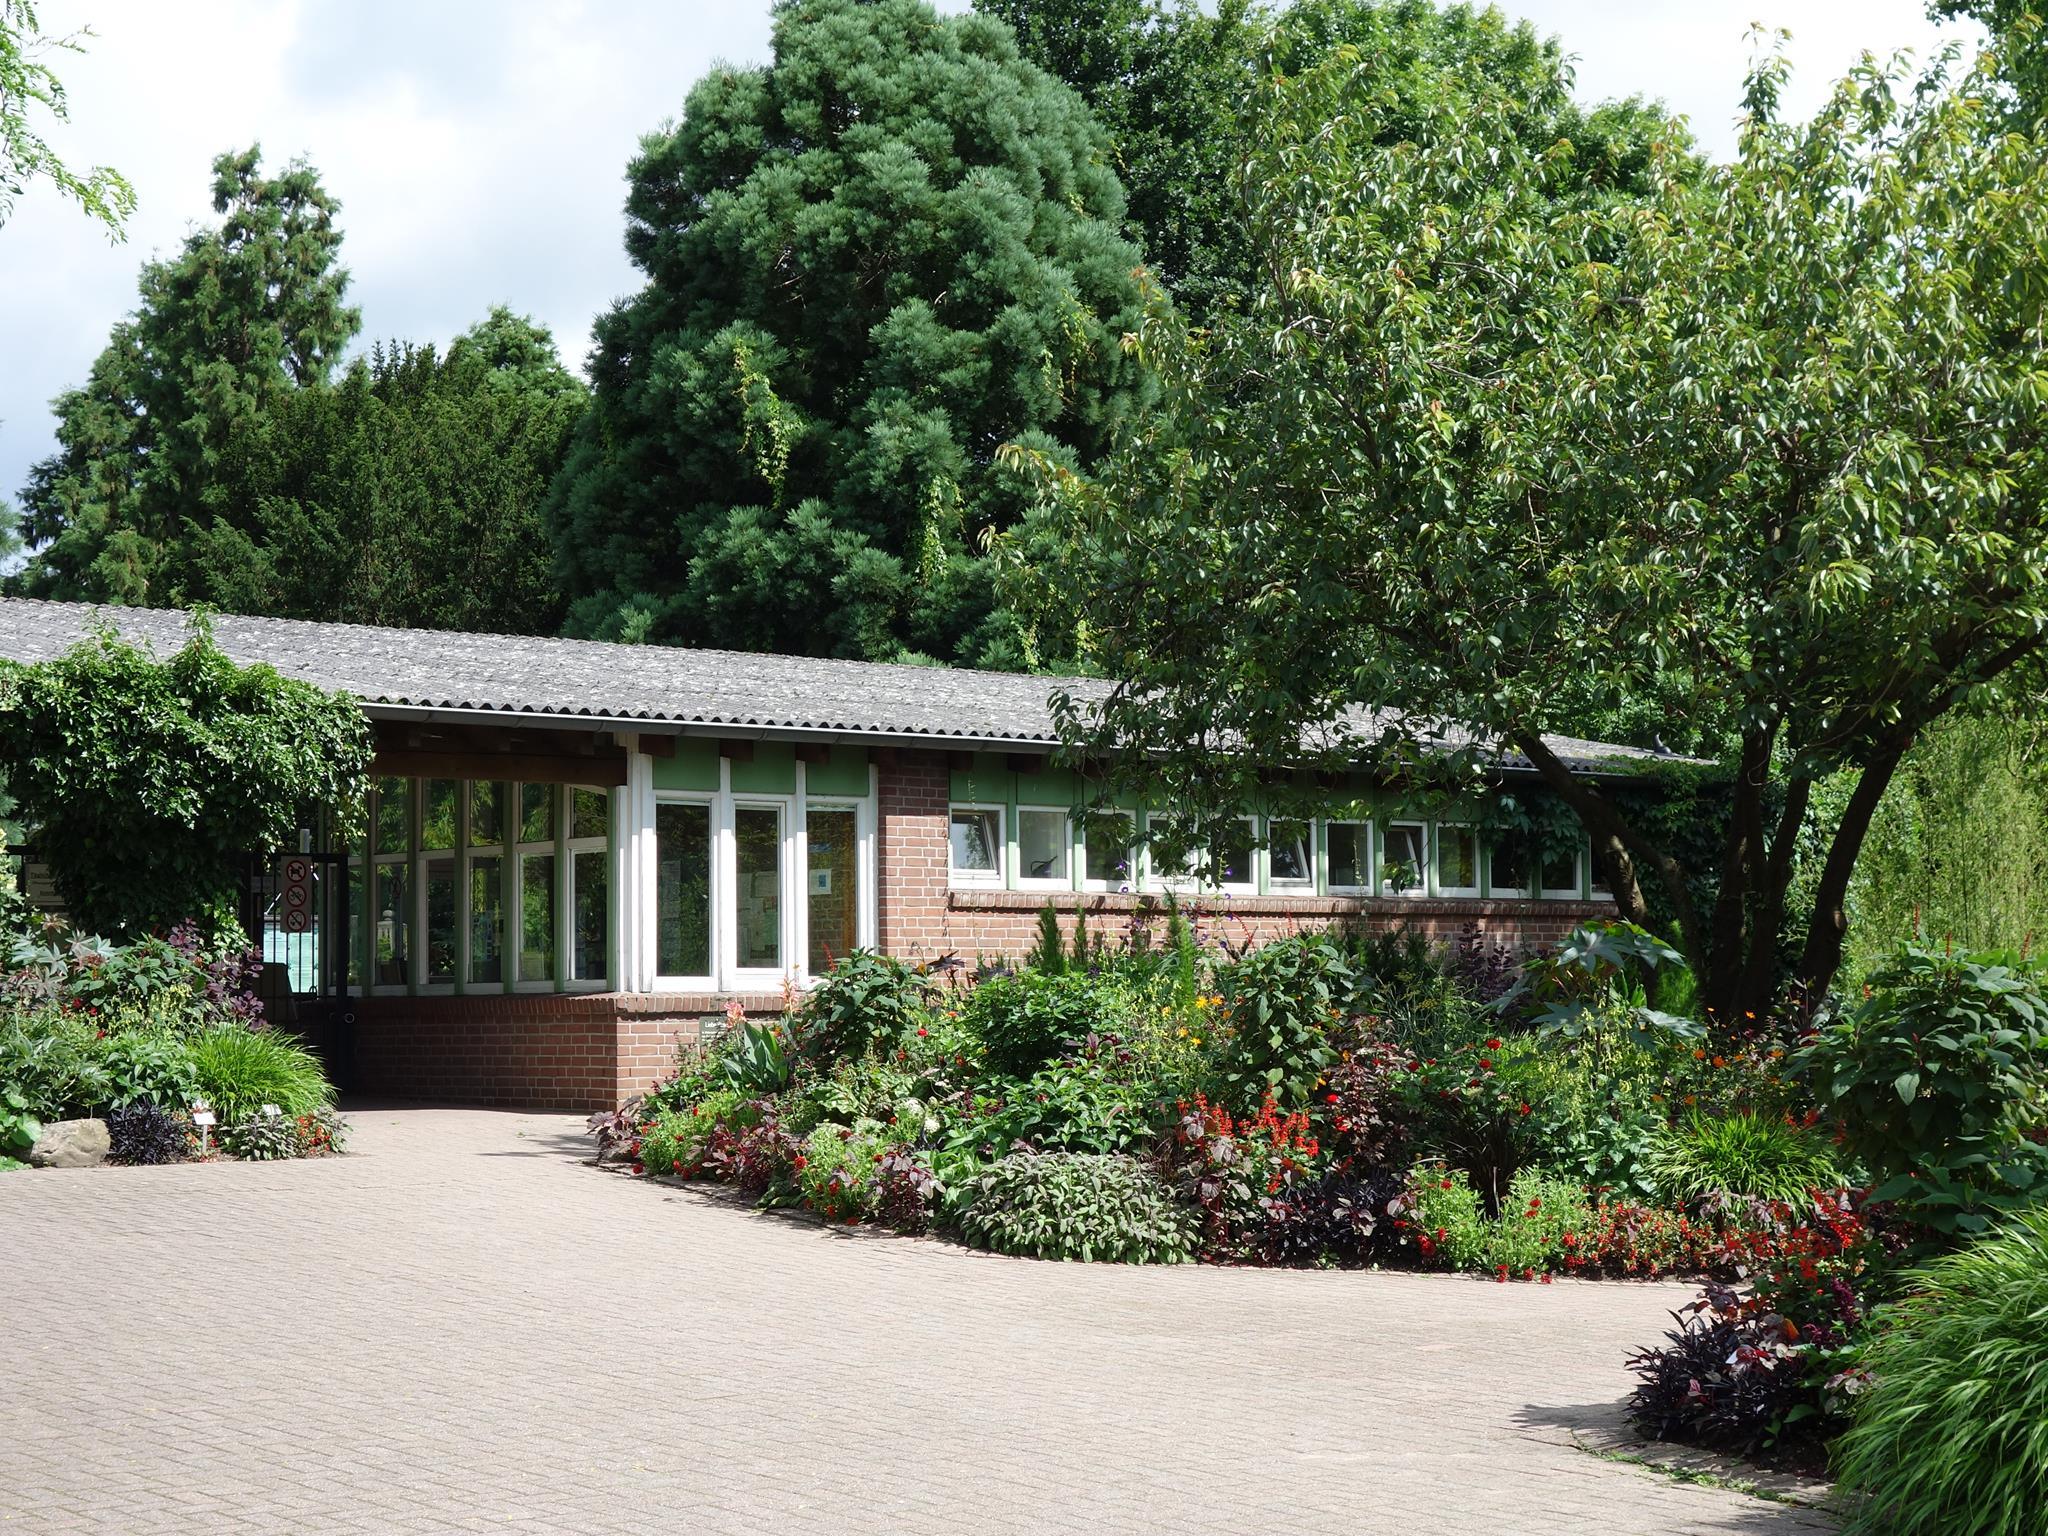 Botanischer Garten, Klein Flottbek